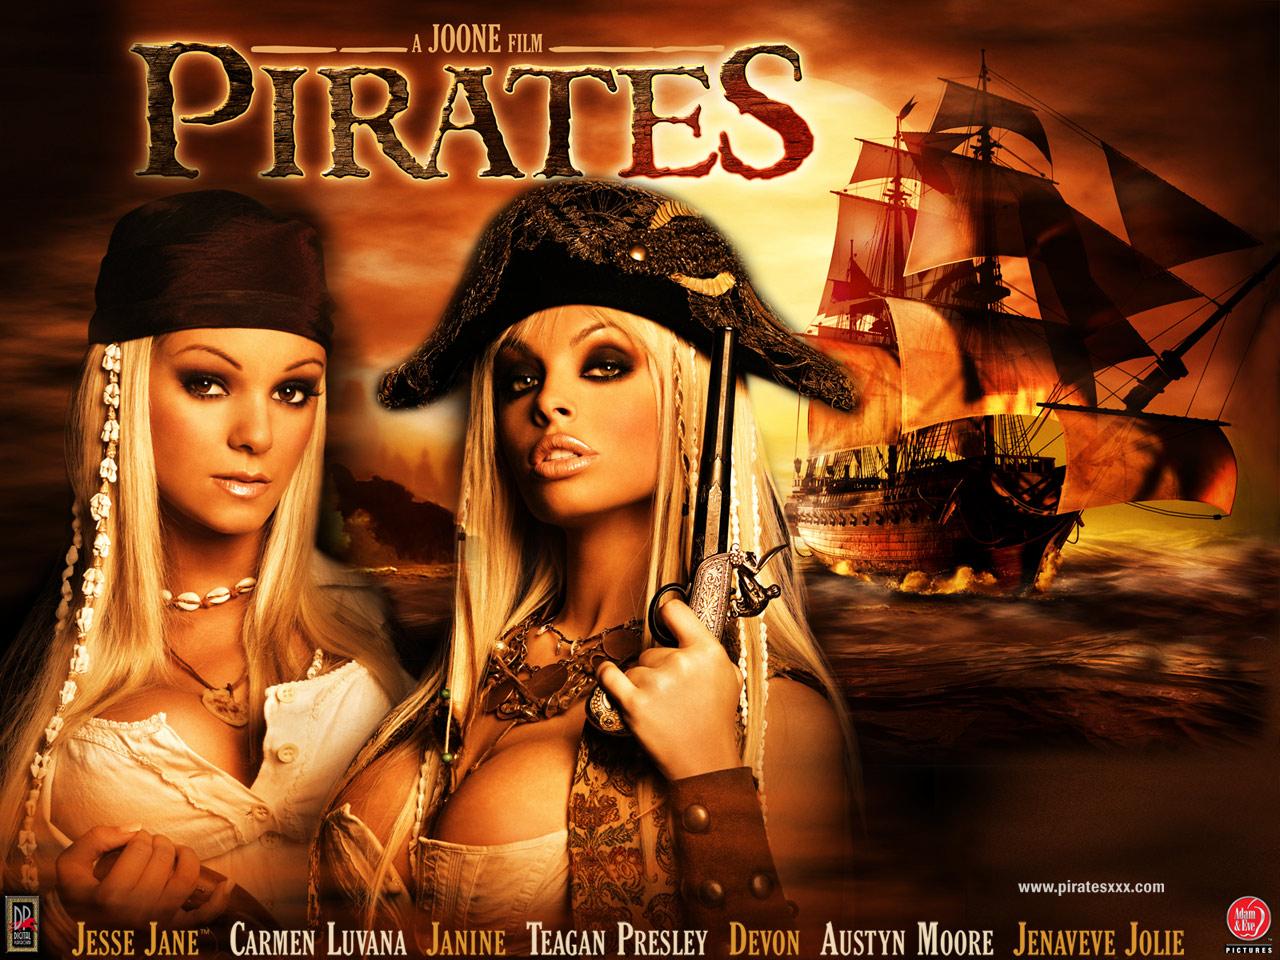 Pirates Xxx 1